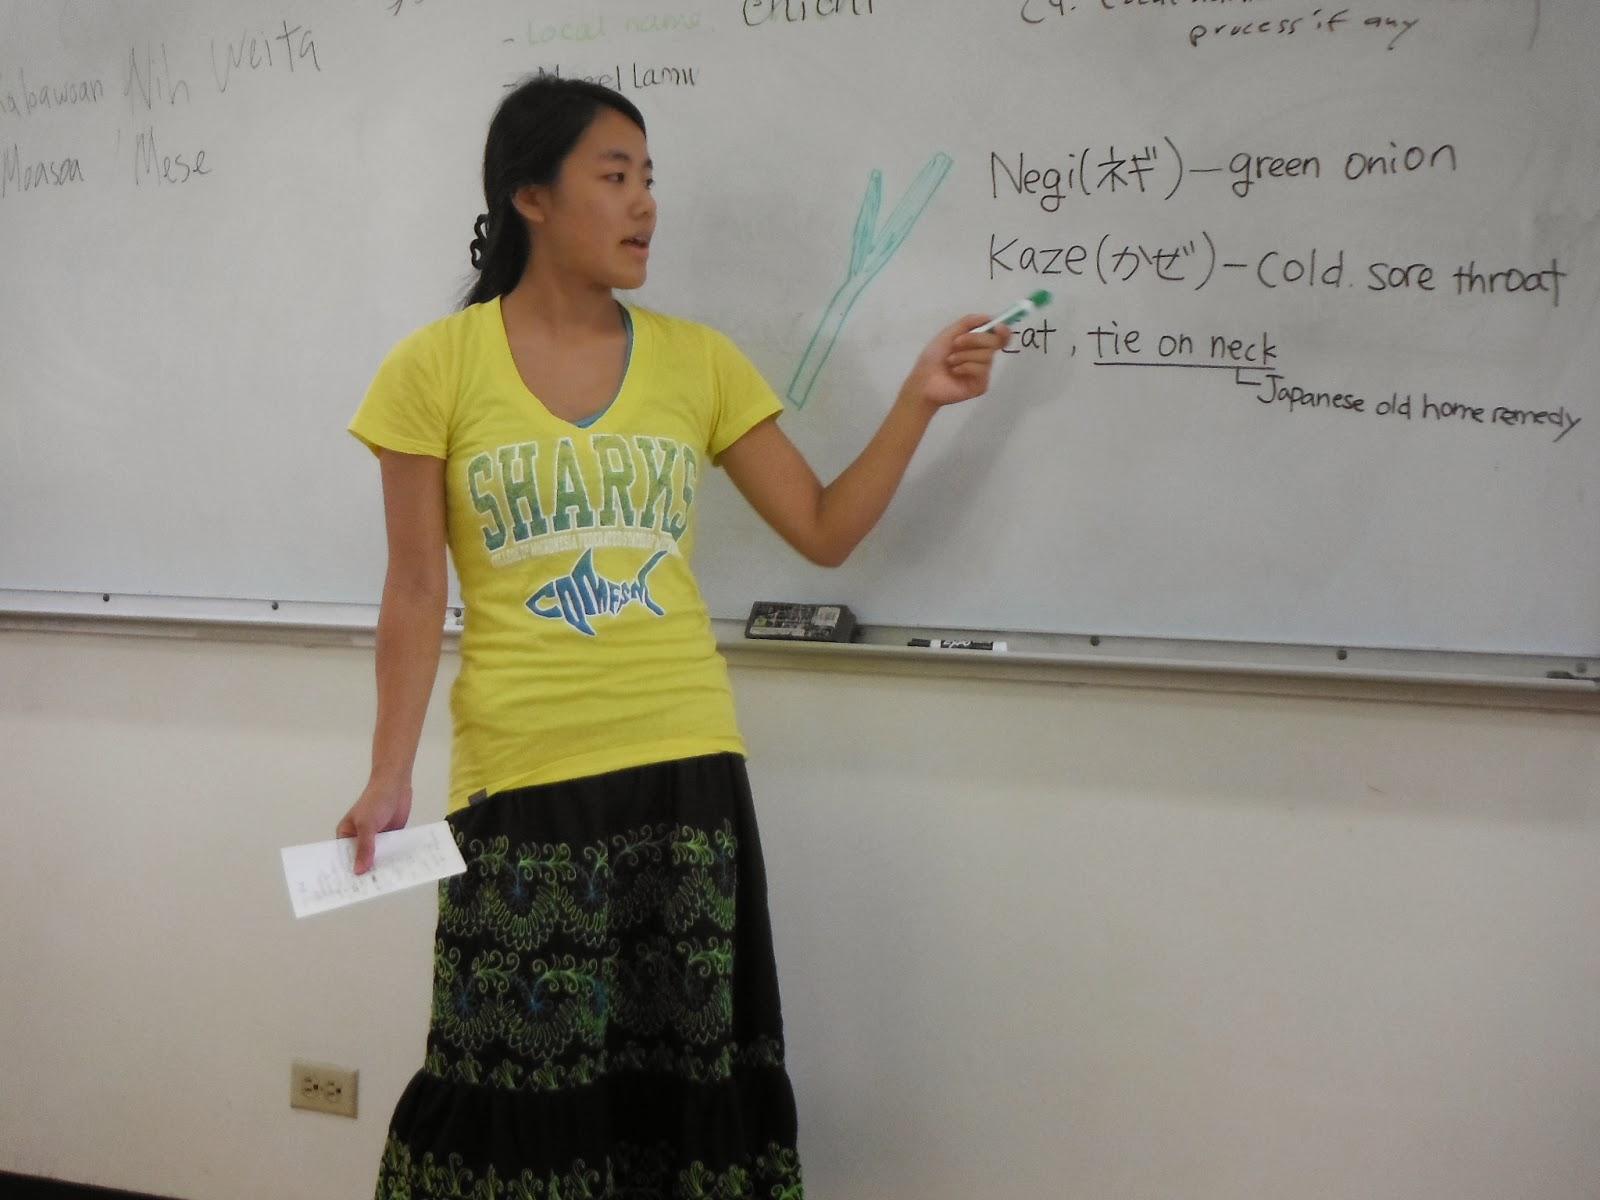 Hanae at the board